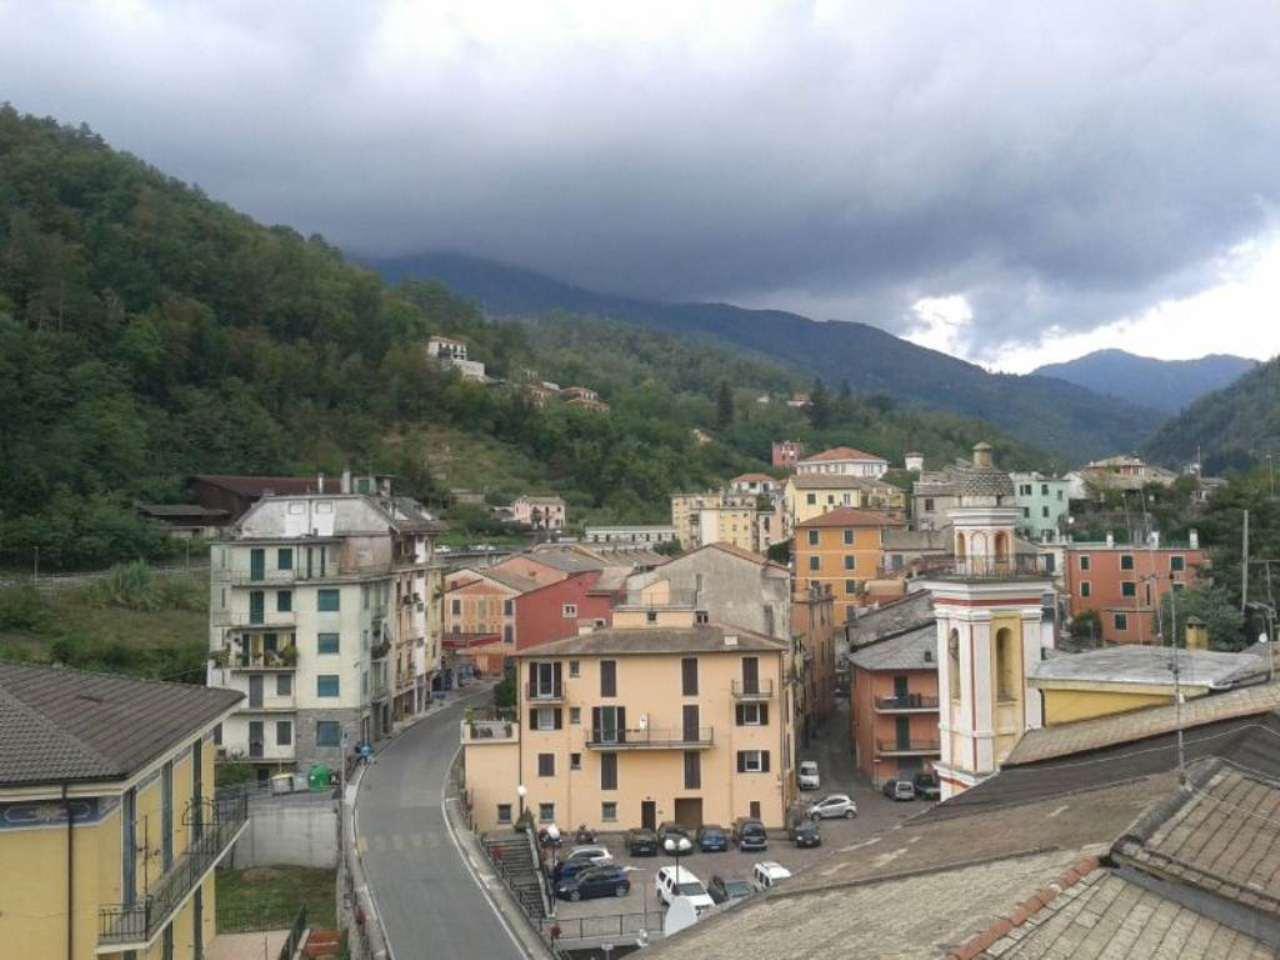 Appartamento in vendita a Borzonasca, 5 locali, prezzo € 120.000 | CambioCasa.it